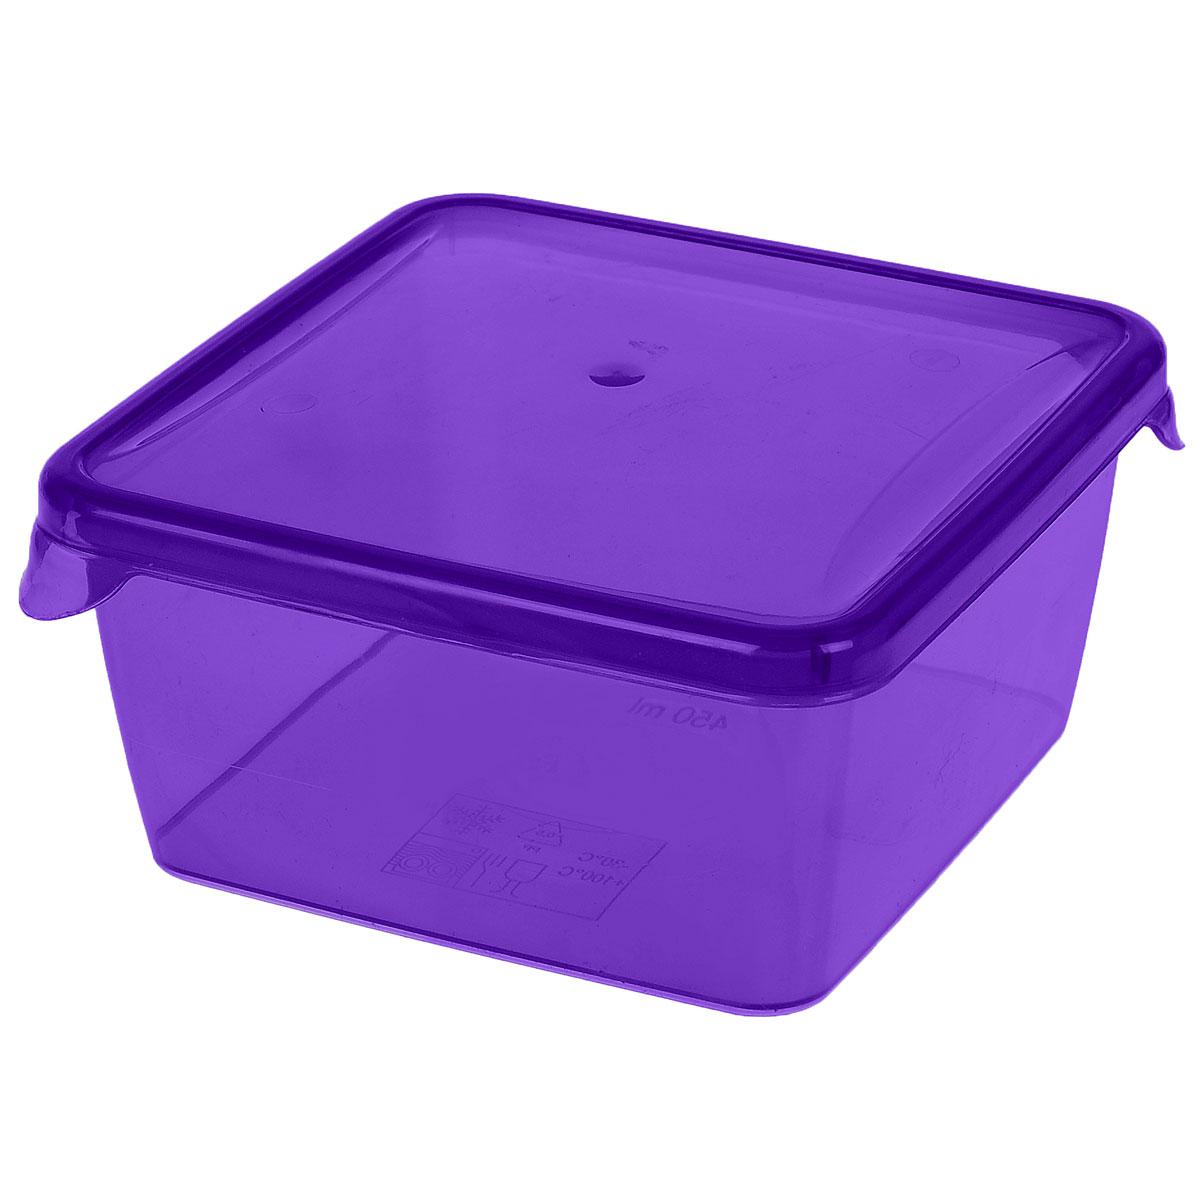 Контейнер P&C Браво, цвет: фиолетовый, 450 млПЦ1030_фиолетовыйКонтейнер P&C Браво выполнен из высококачественного пищевого прозрачного пластика и предназначен для хранения и транспортировки пищи.Крышка легко открывается и плотно закрывается с помощью легкого щелчка. Подходит для использования в микроволновой печи без крышки (до +100°С), для заморозки при минимальной температуре -30°С. Можно мыть в посудомоечной машине.